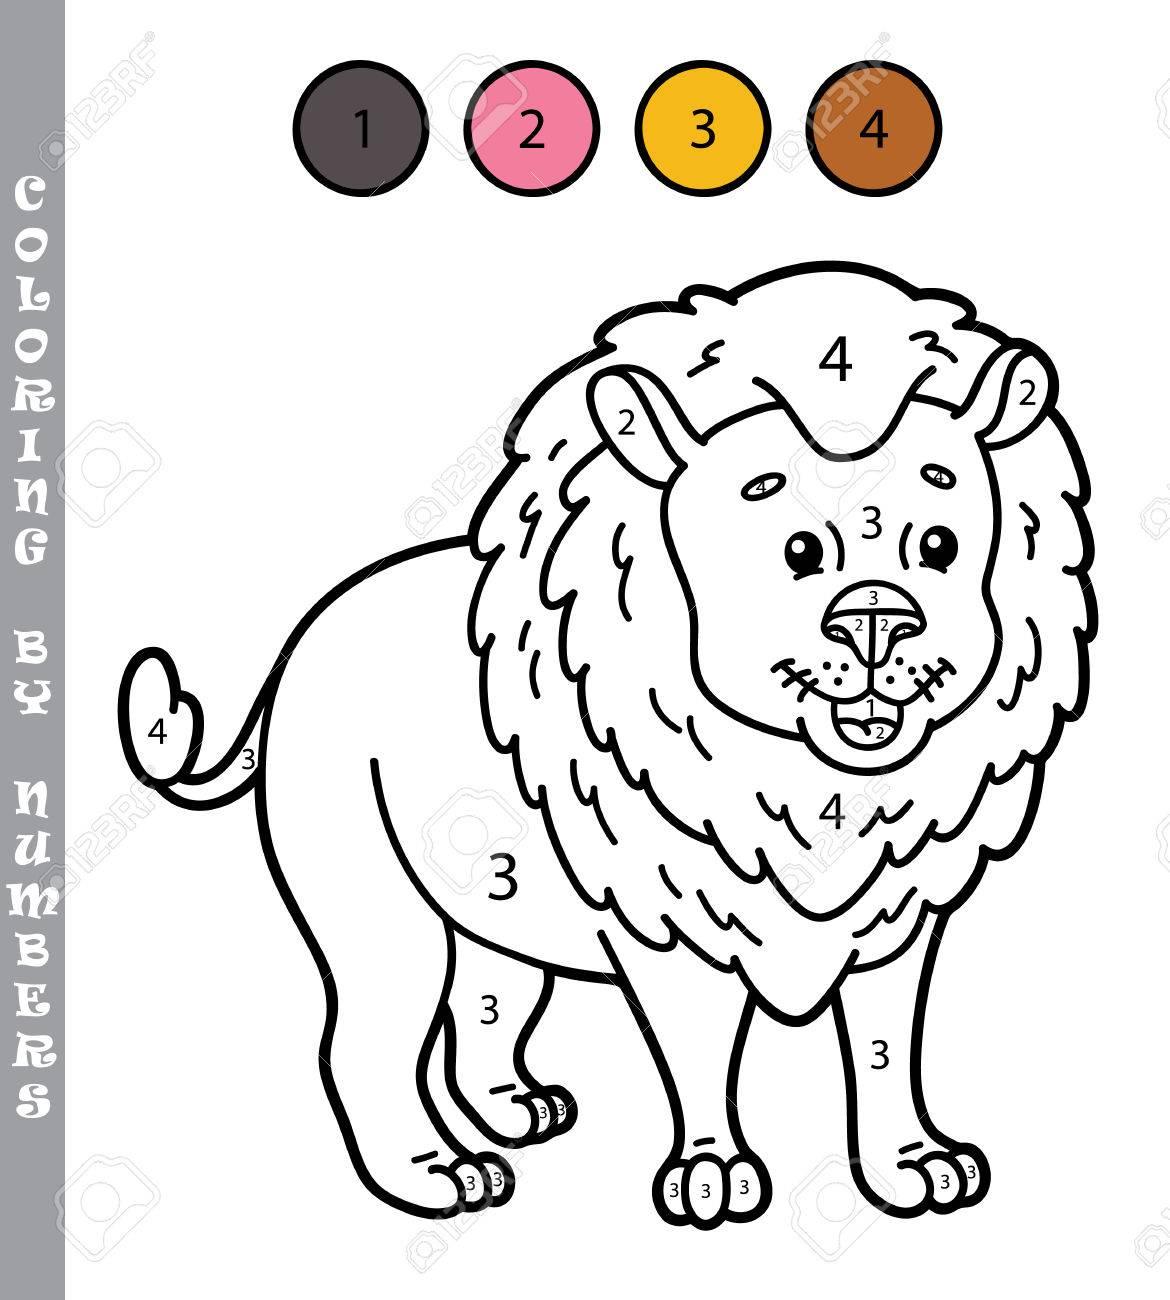 Hermosa Babuino Para Colorear Molde - Dibujos Para Colorear En Línea ...